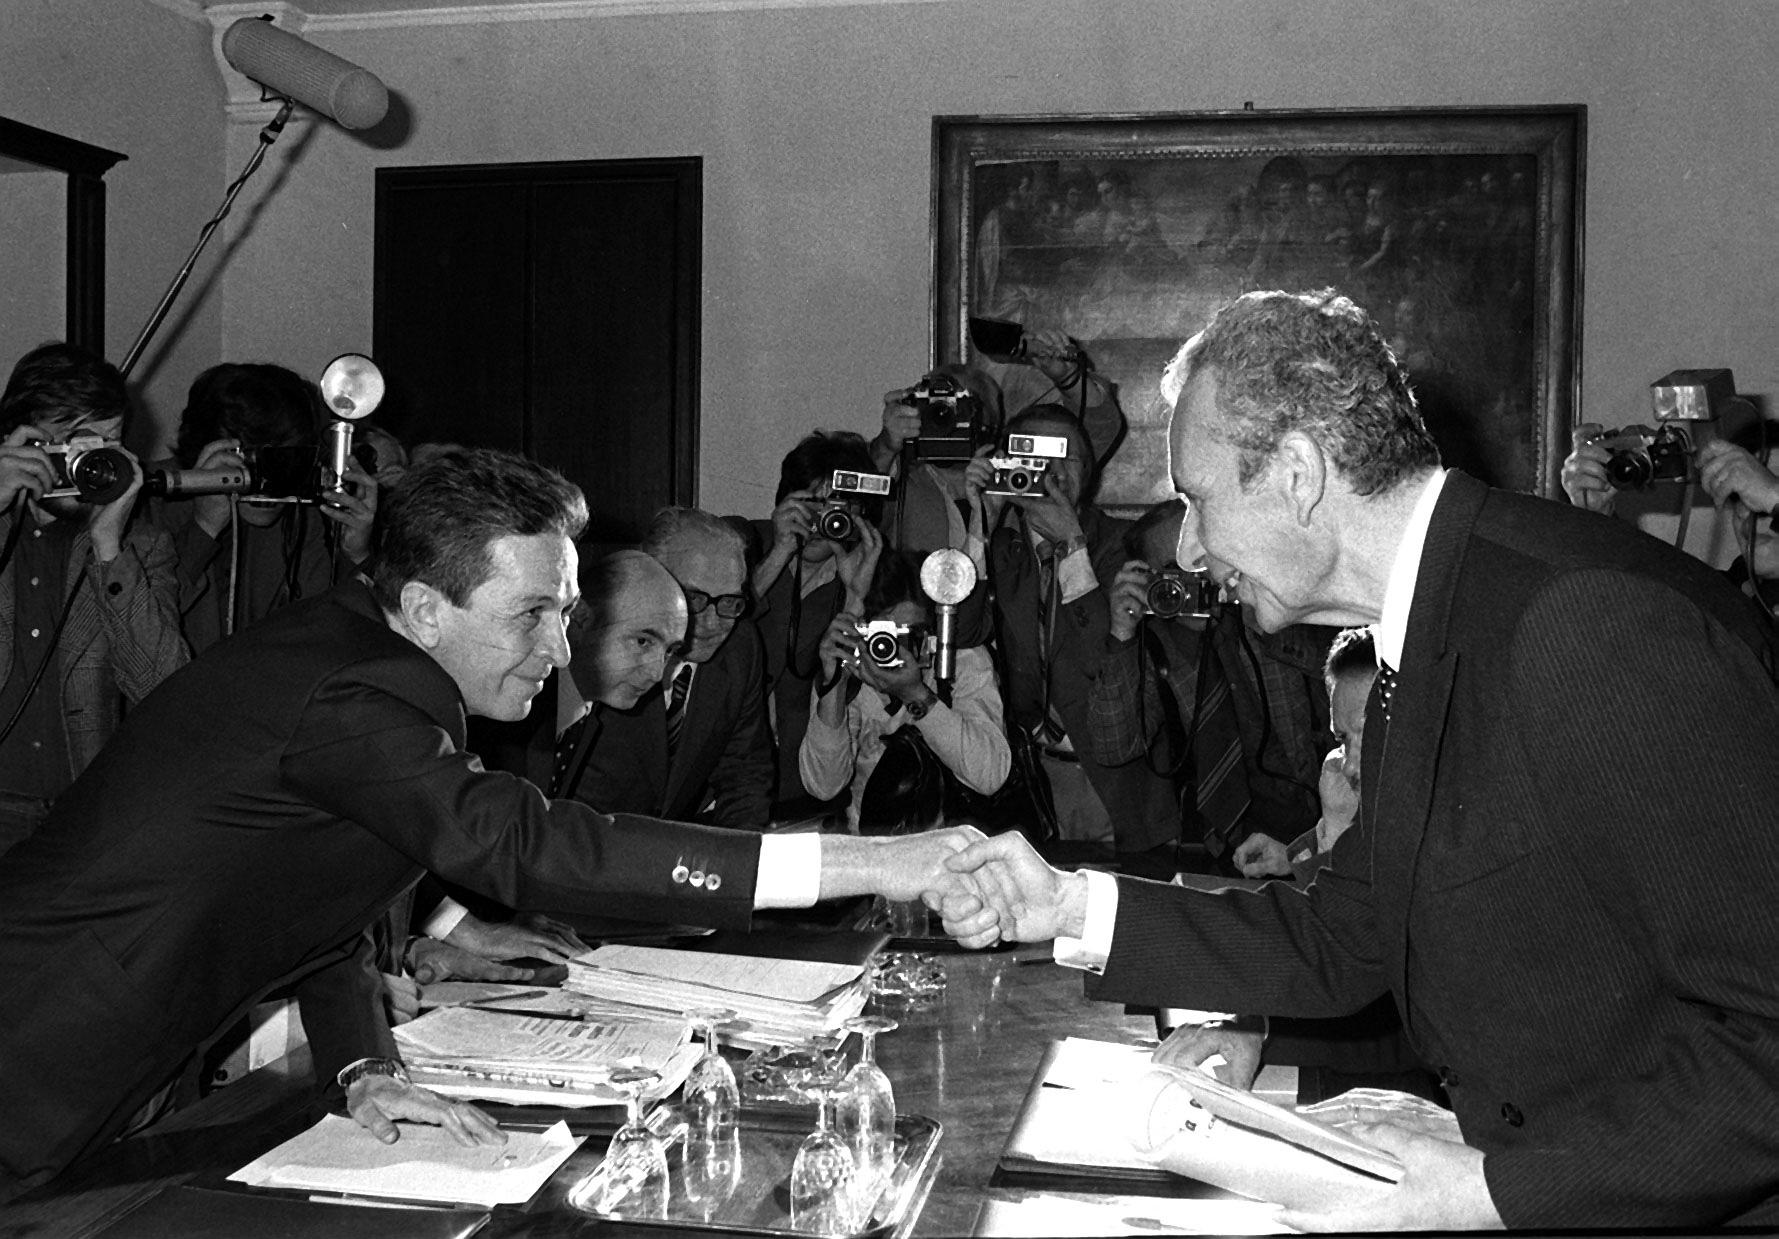 L'azione politica di Aldo Moro segretario della Democrazia cristiana (1959-1964): se ne discute nella due giorni alla Federico II